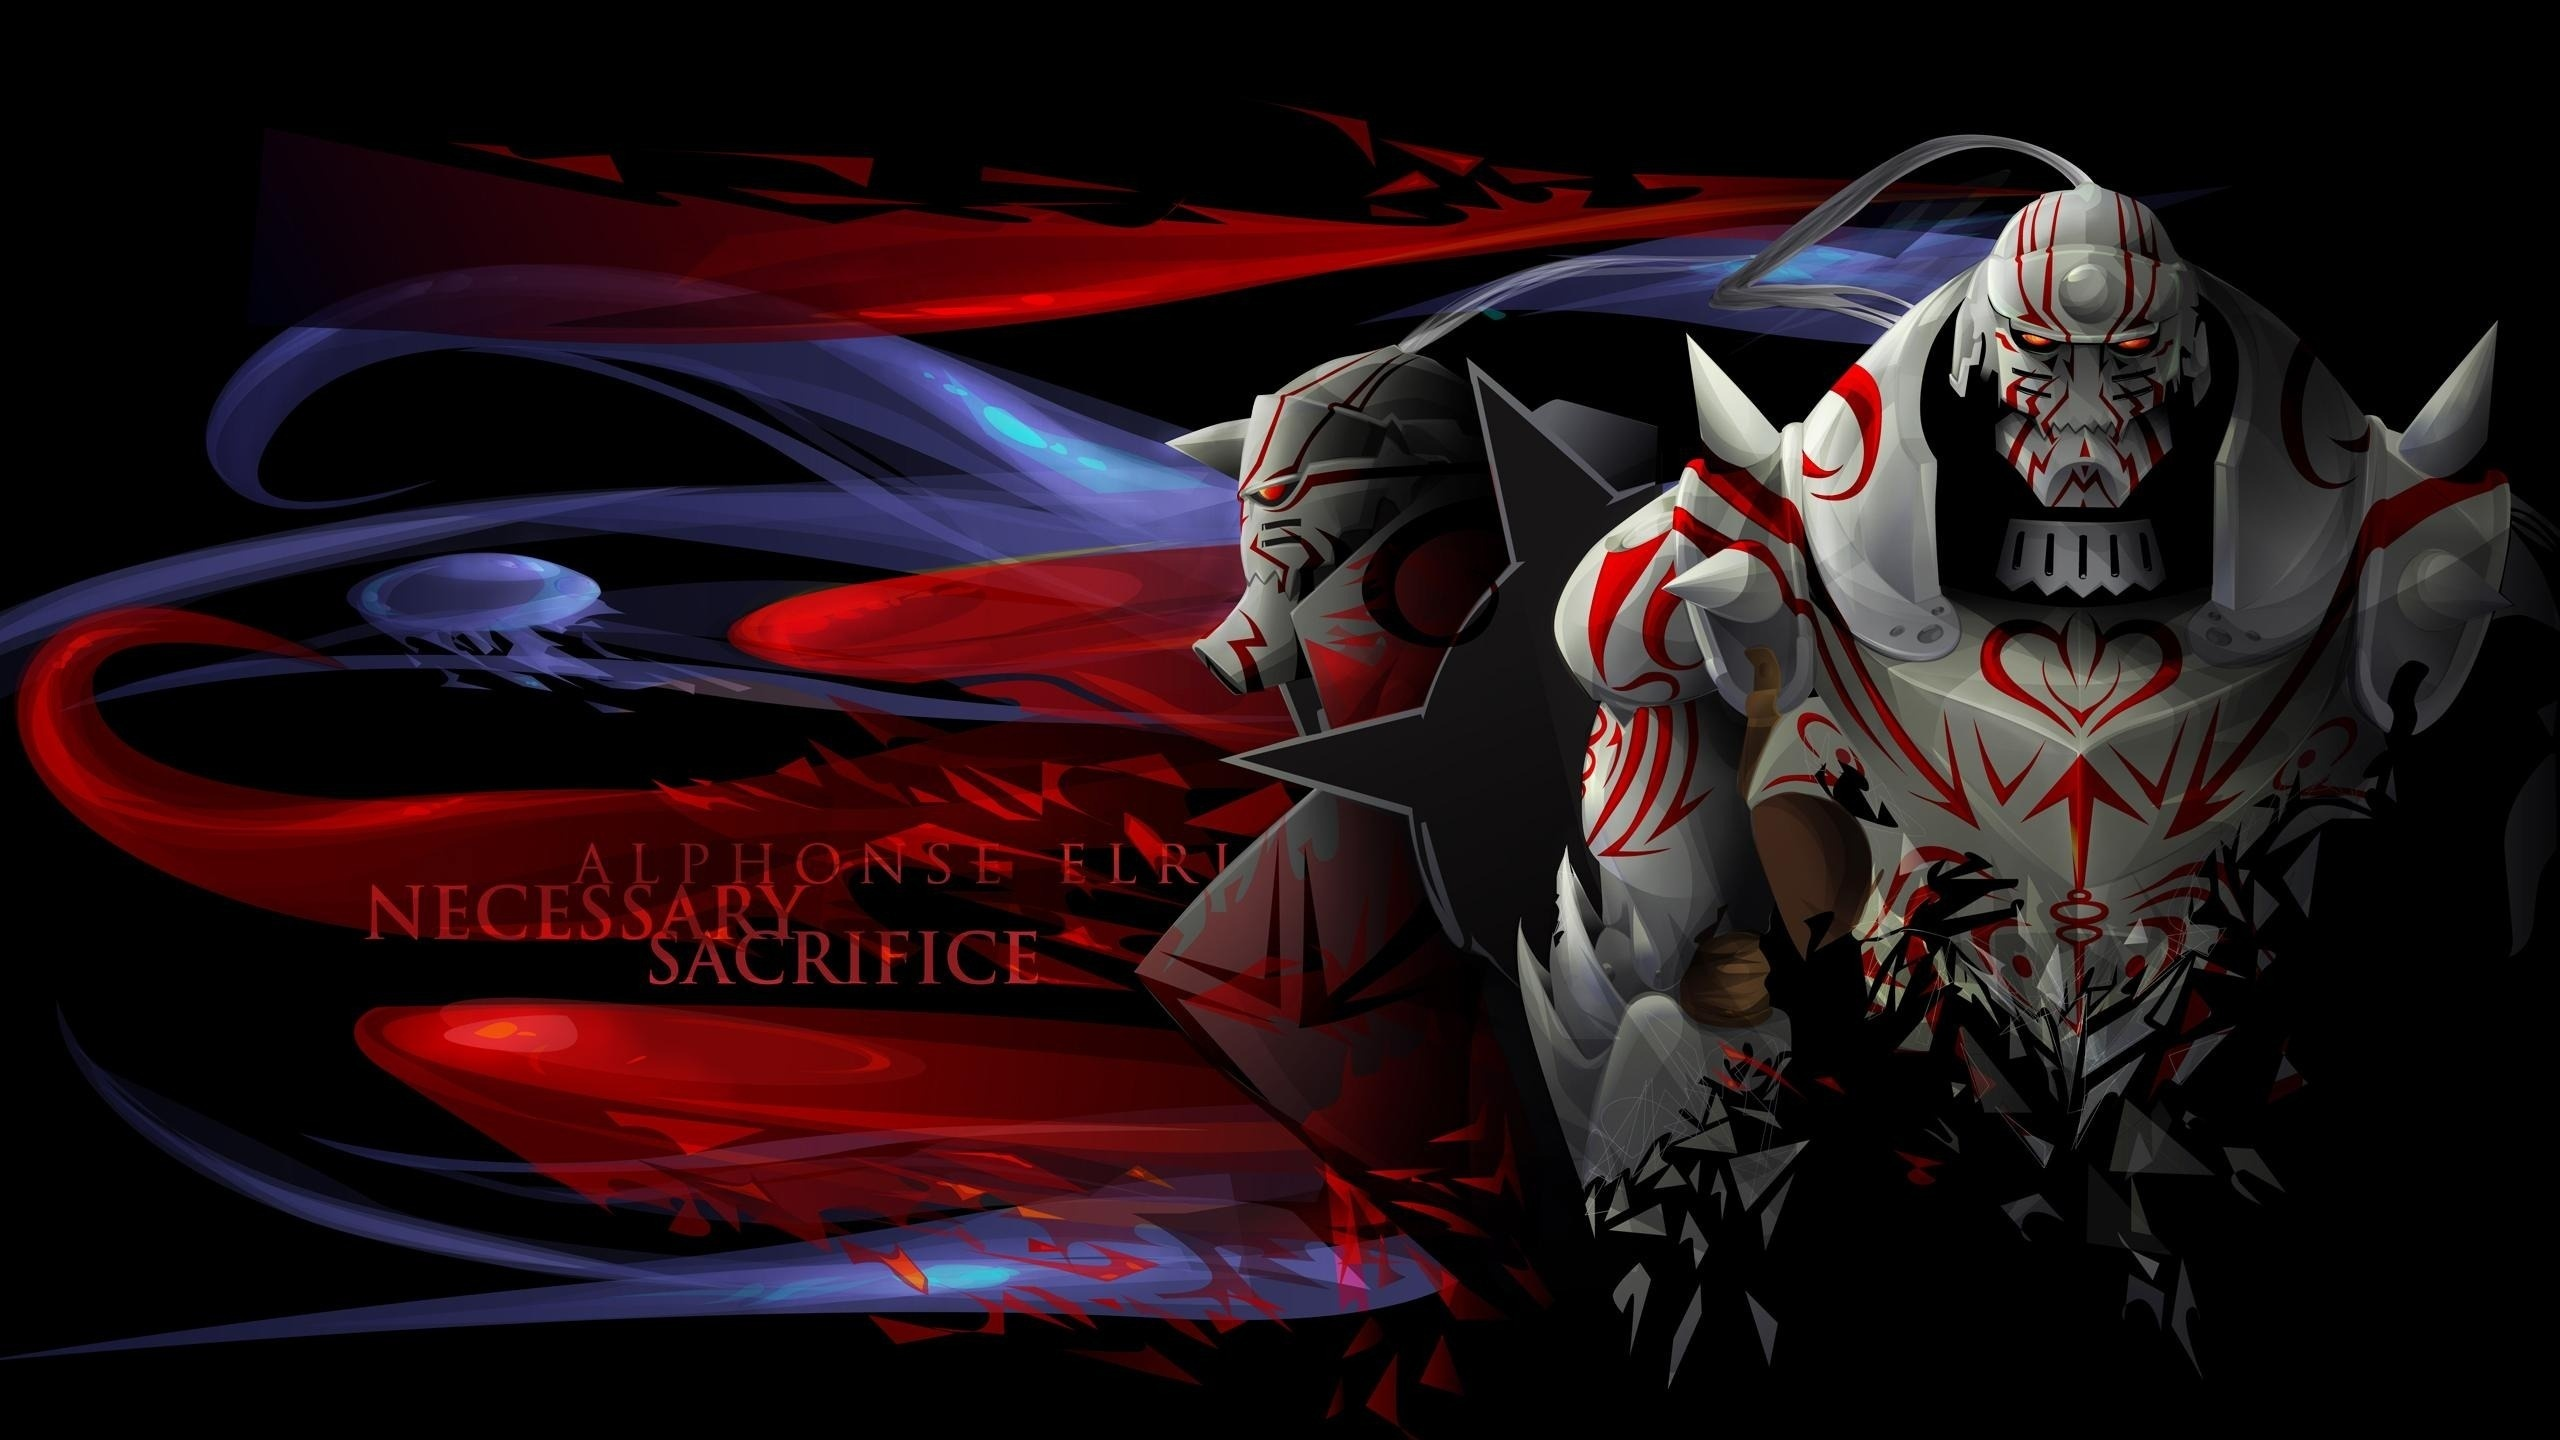 phim hoat hinh anime - Fullmetal Alchemist - elle man